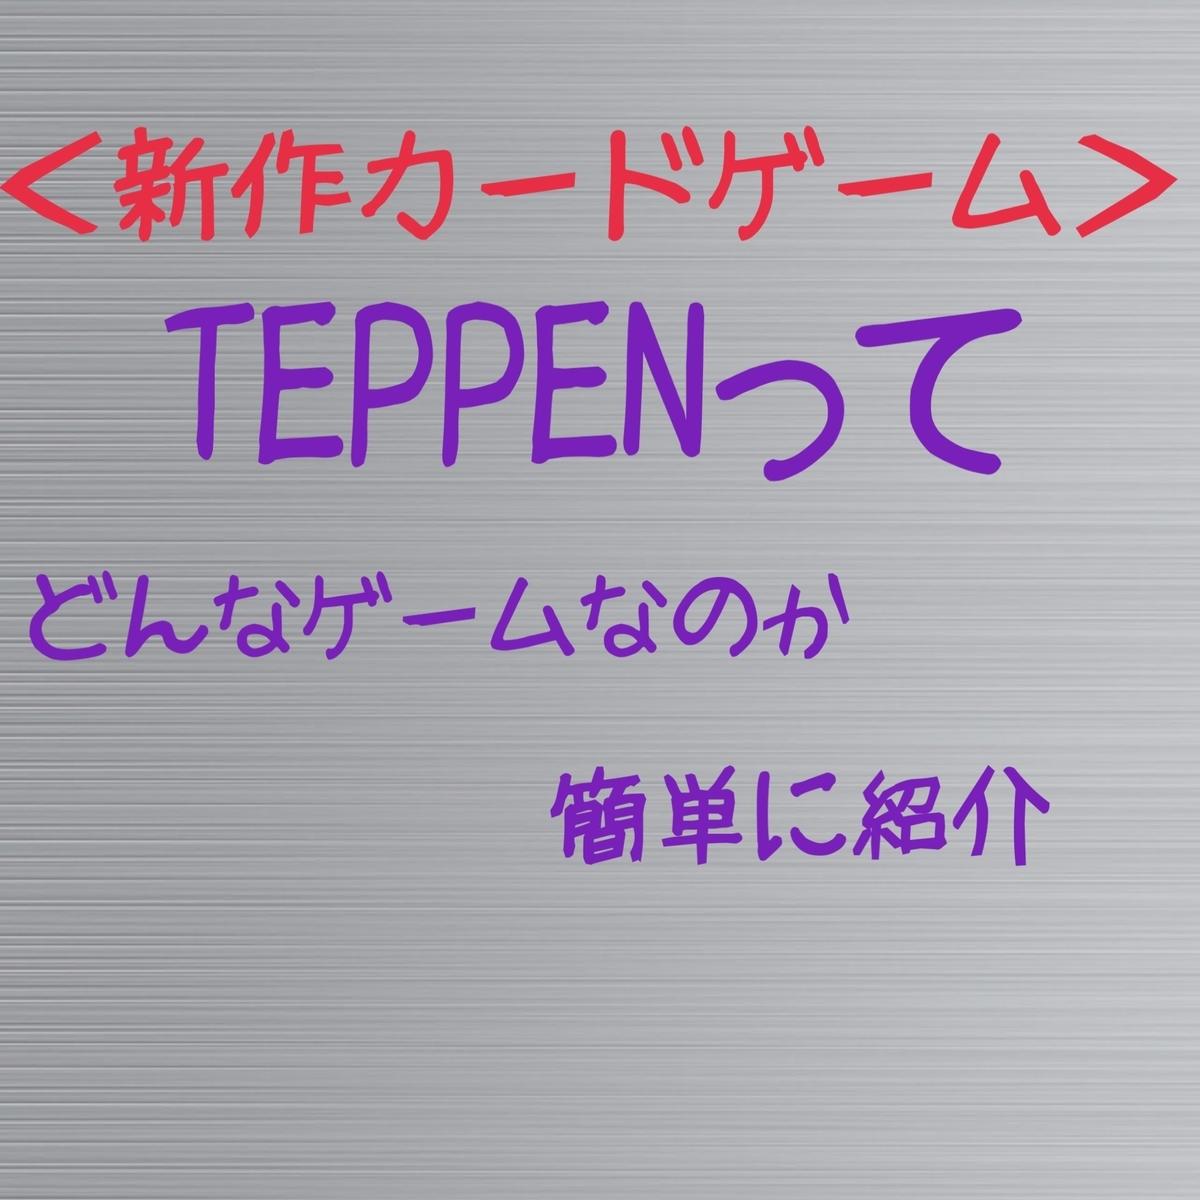 f:id:yukitikiti:20190823201330j:plain